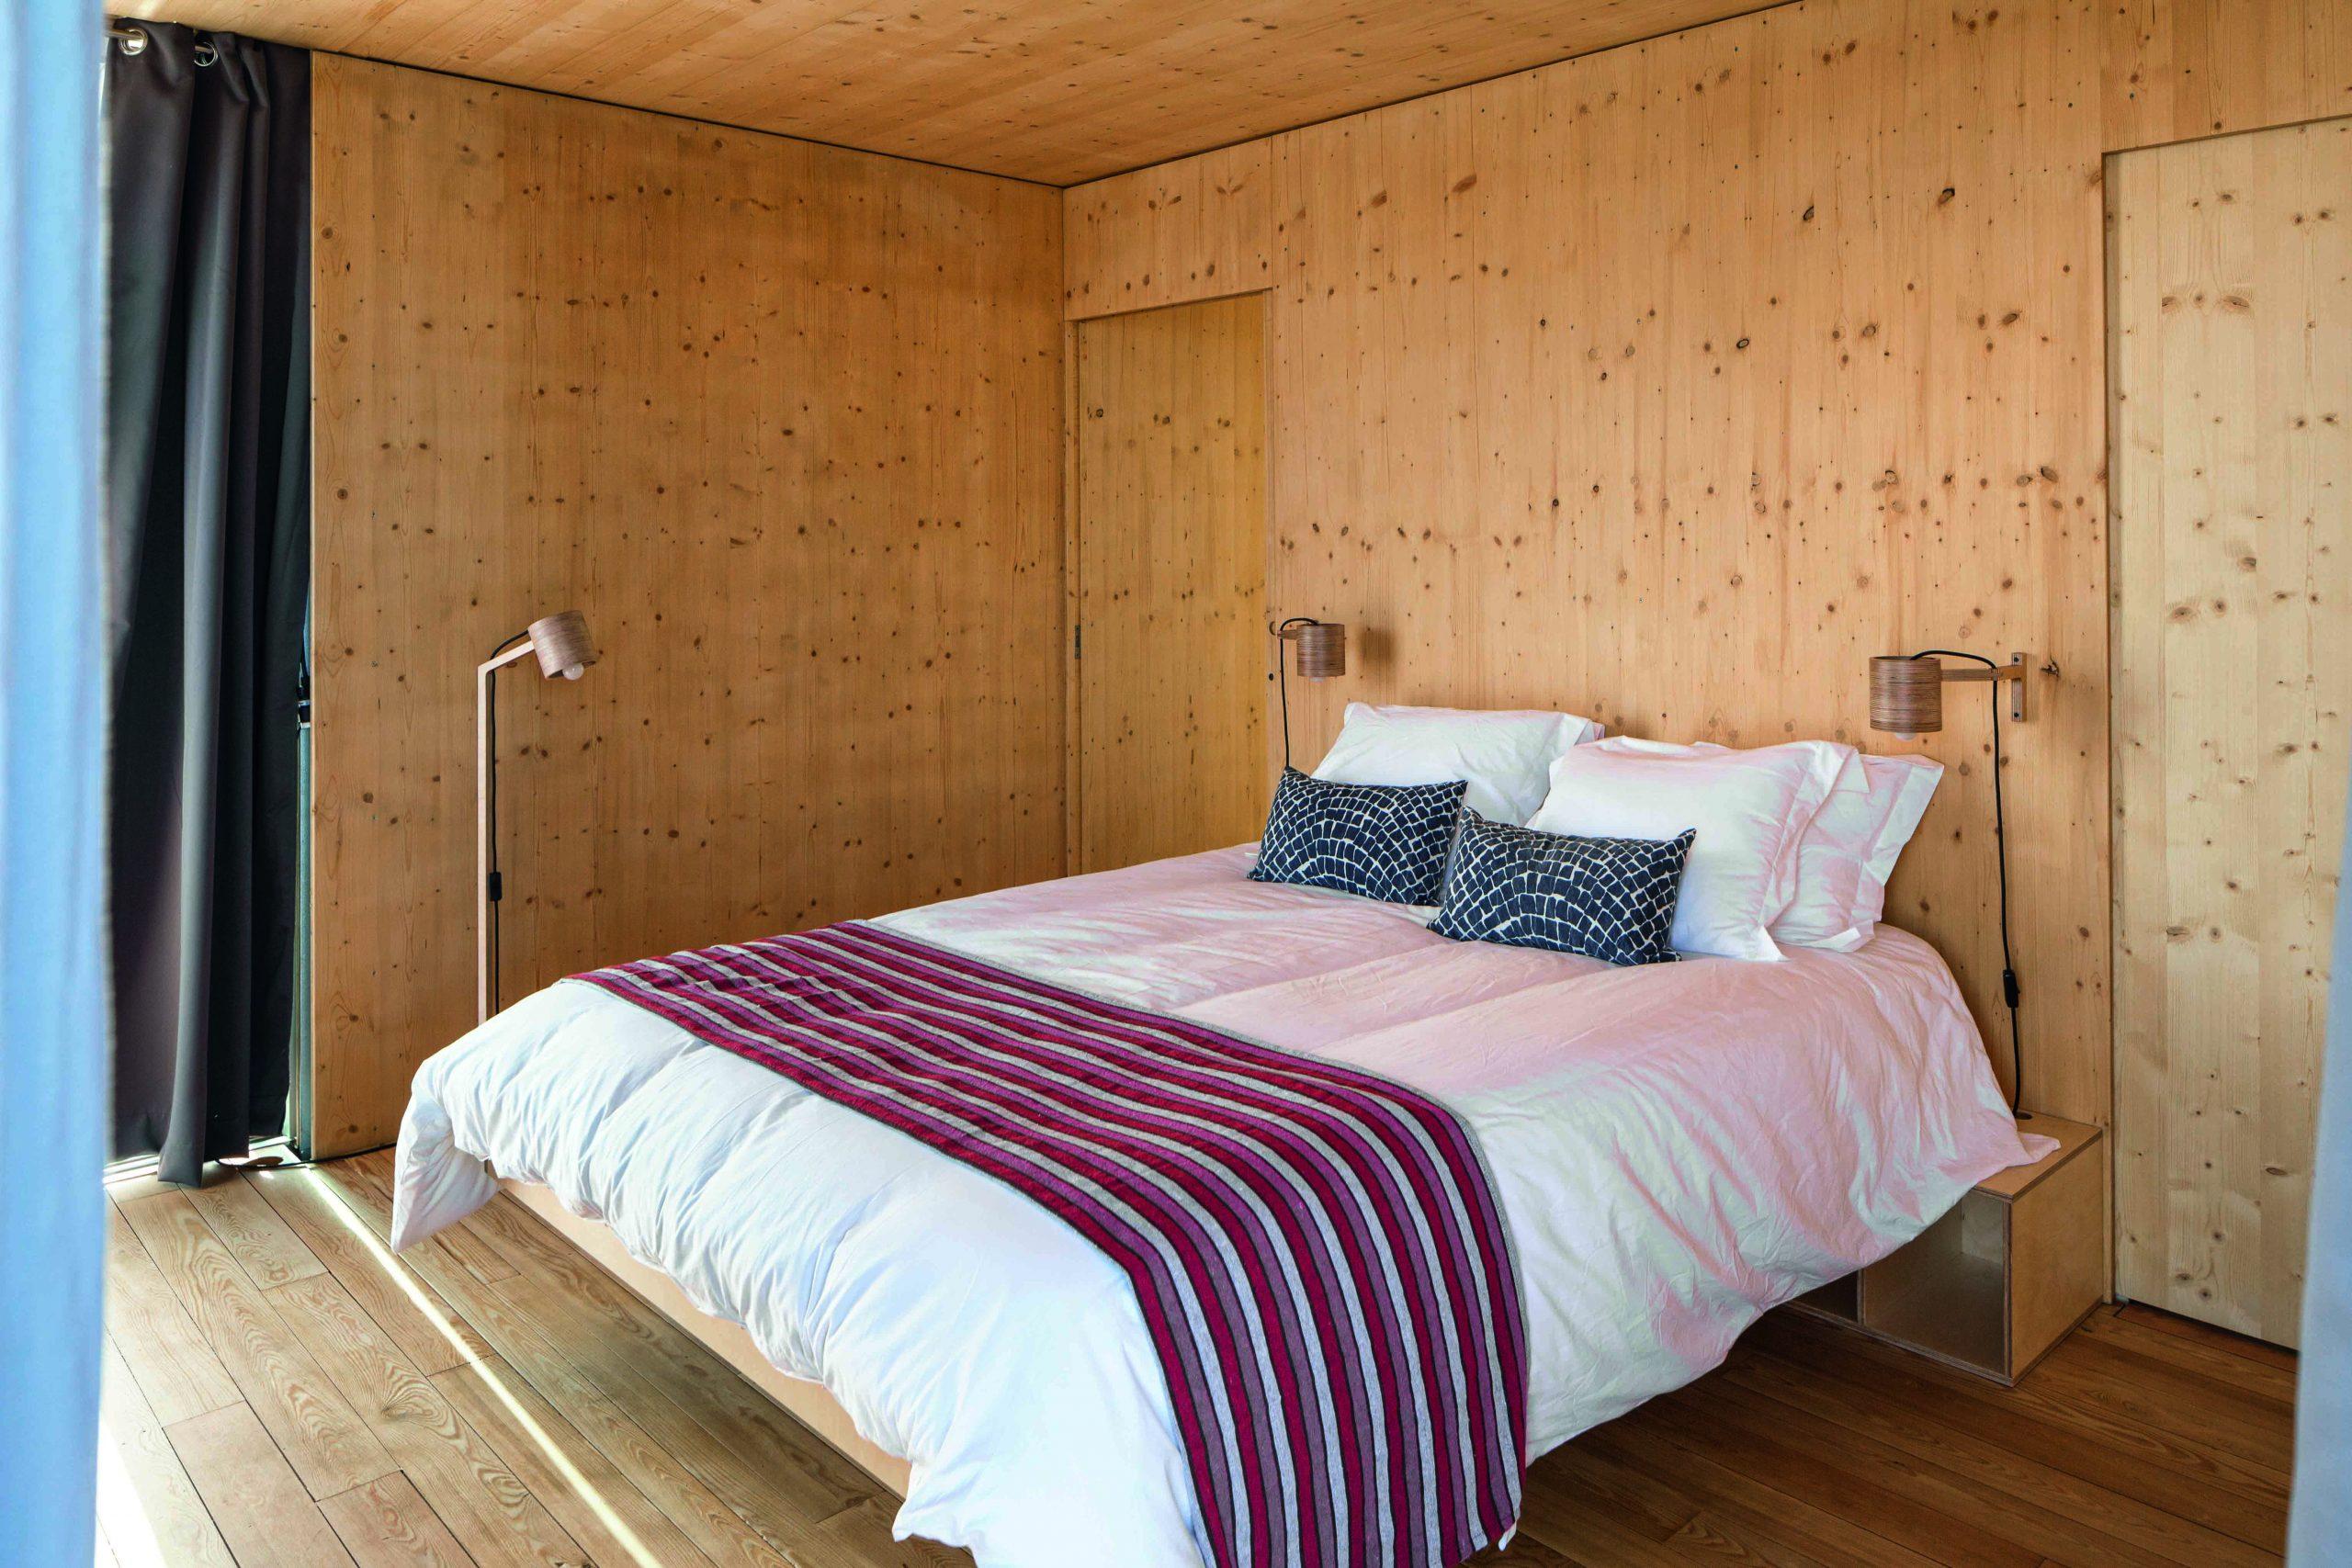 FloatWing puede contener hasta tres dormitorios dobles, salón, cocina equipada, bodega y parrilla en el techo. De acuerdo con el modelo, su longitud varía entre los diez y los dieciocho metros.